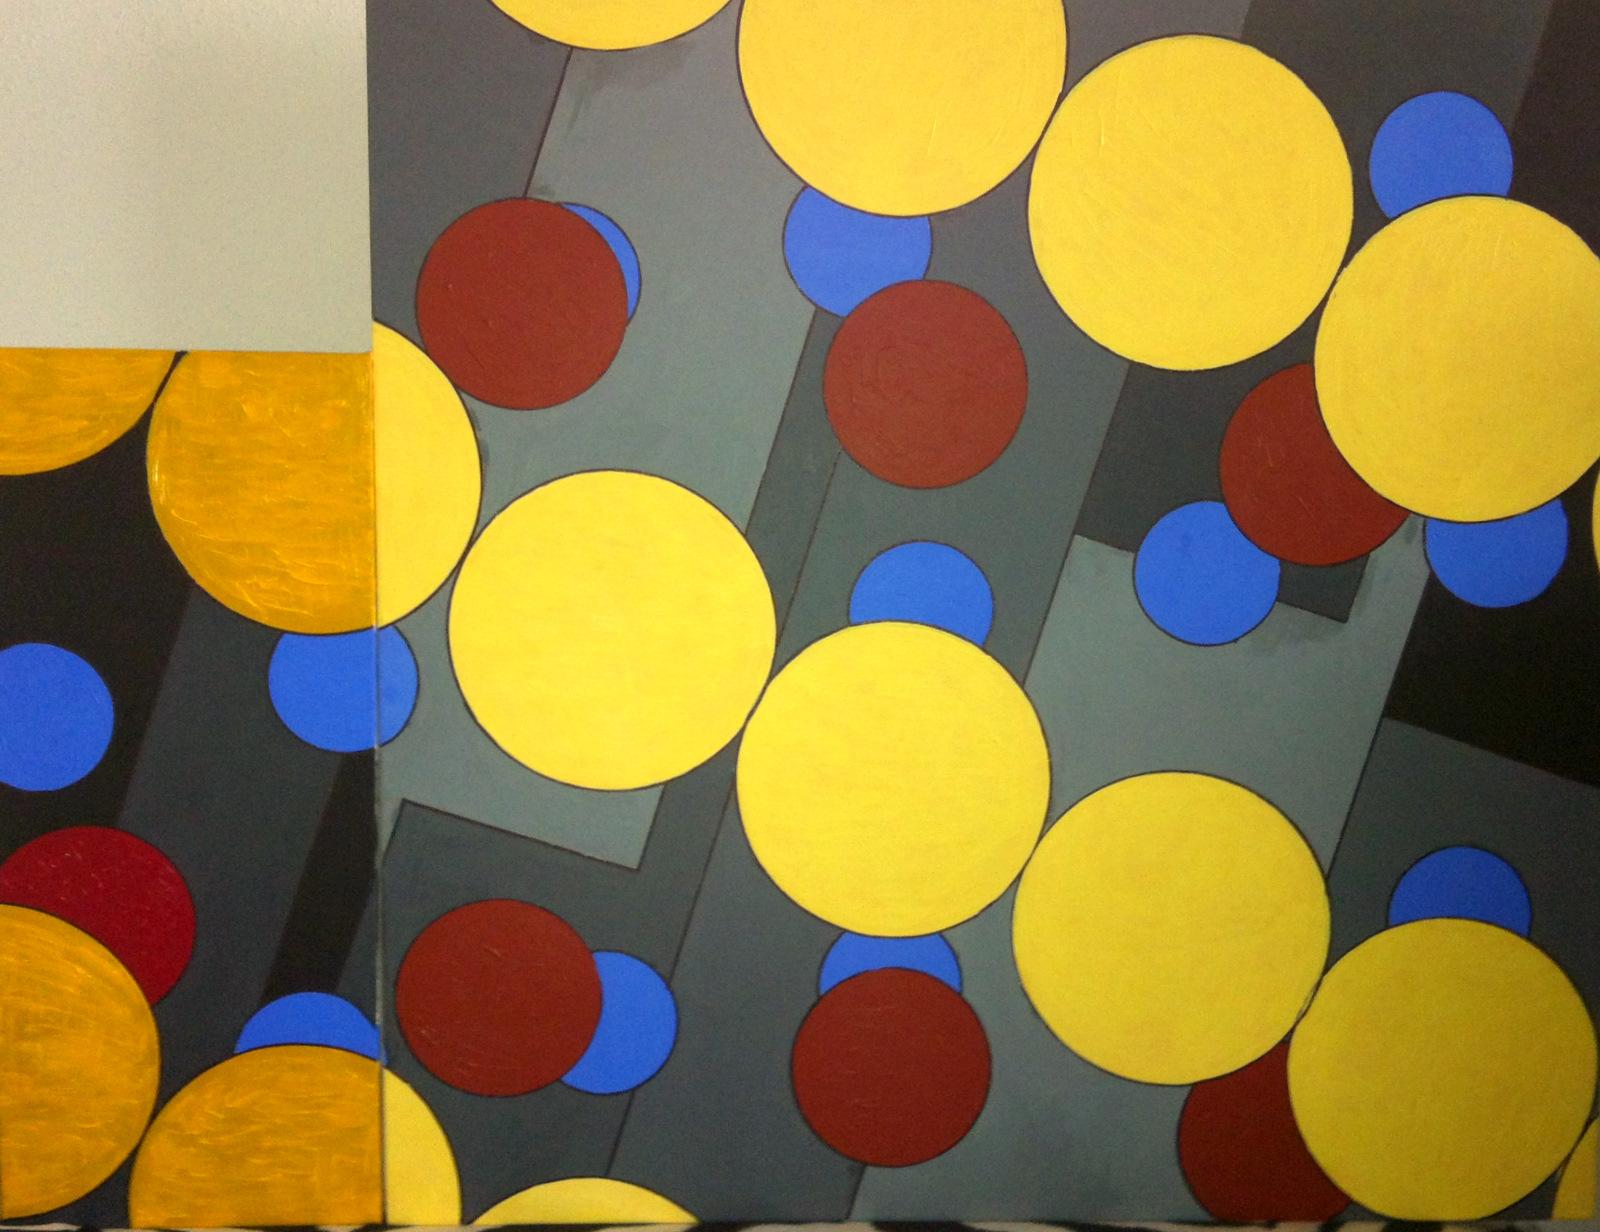 100x100 cm, akril, vászon, 2012